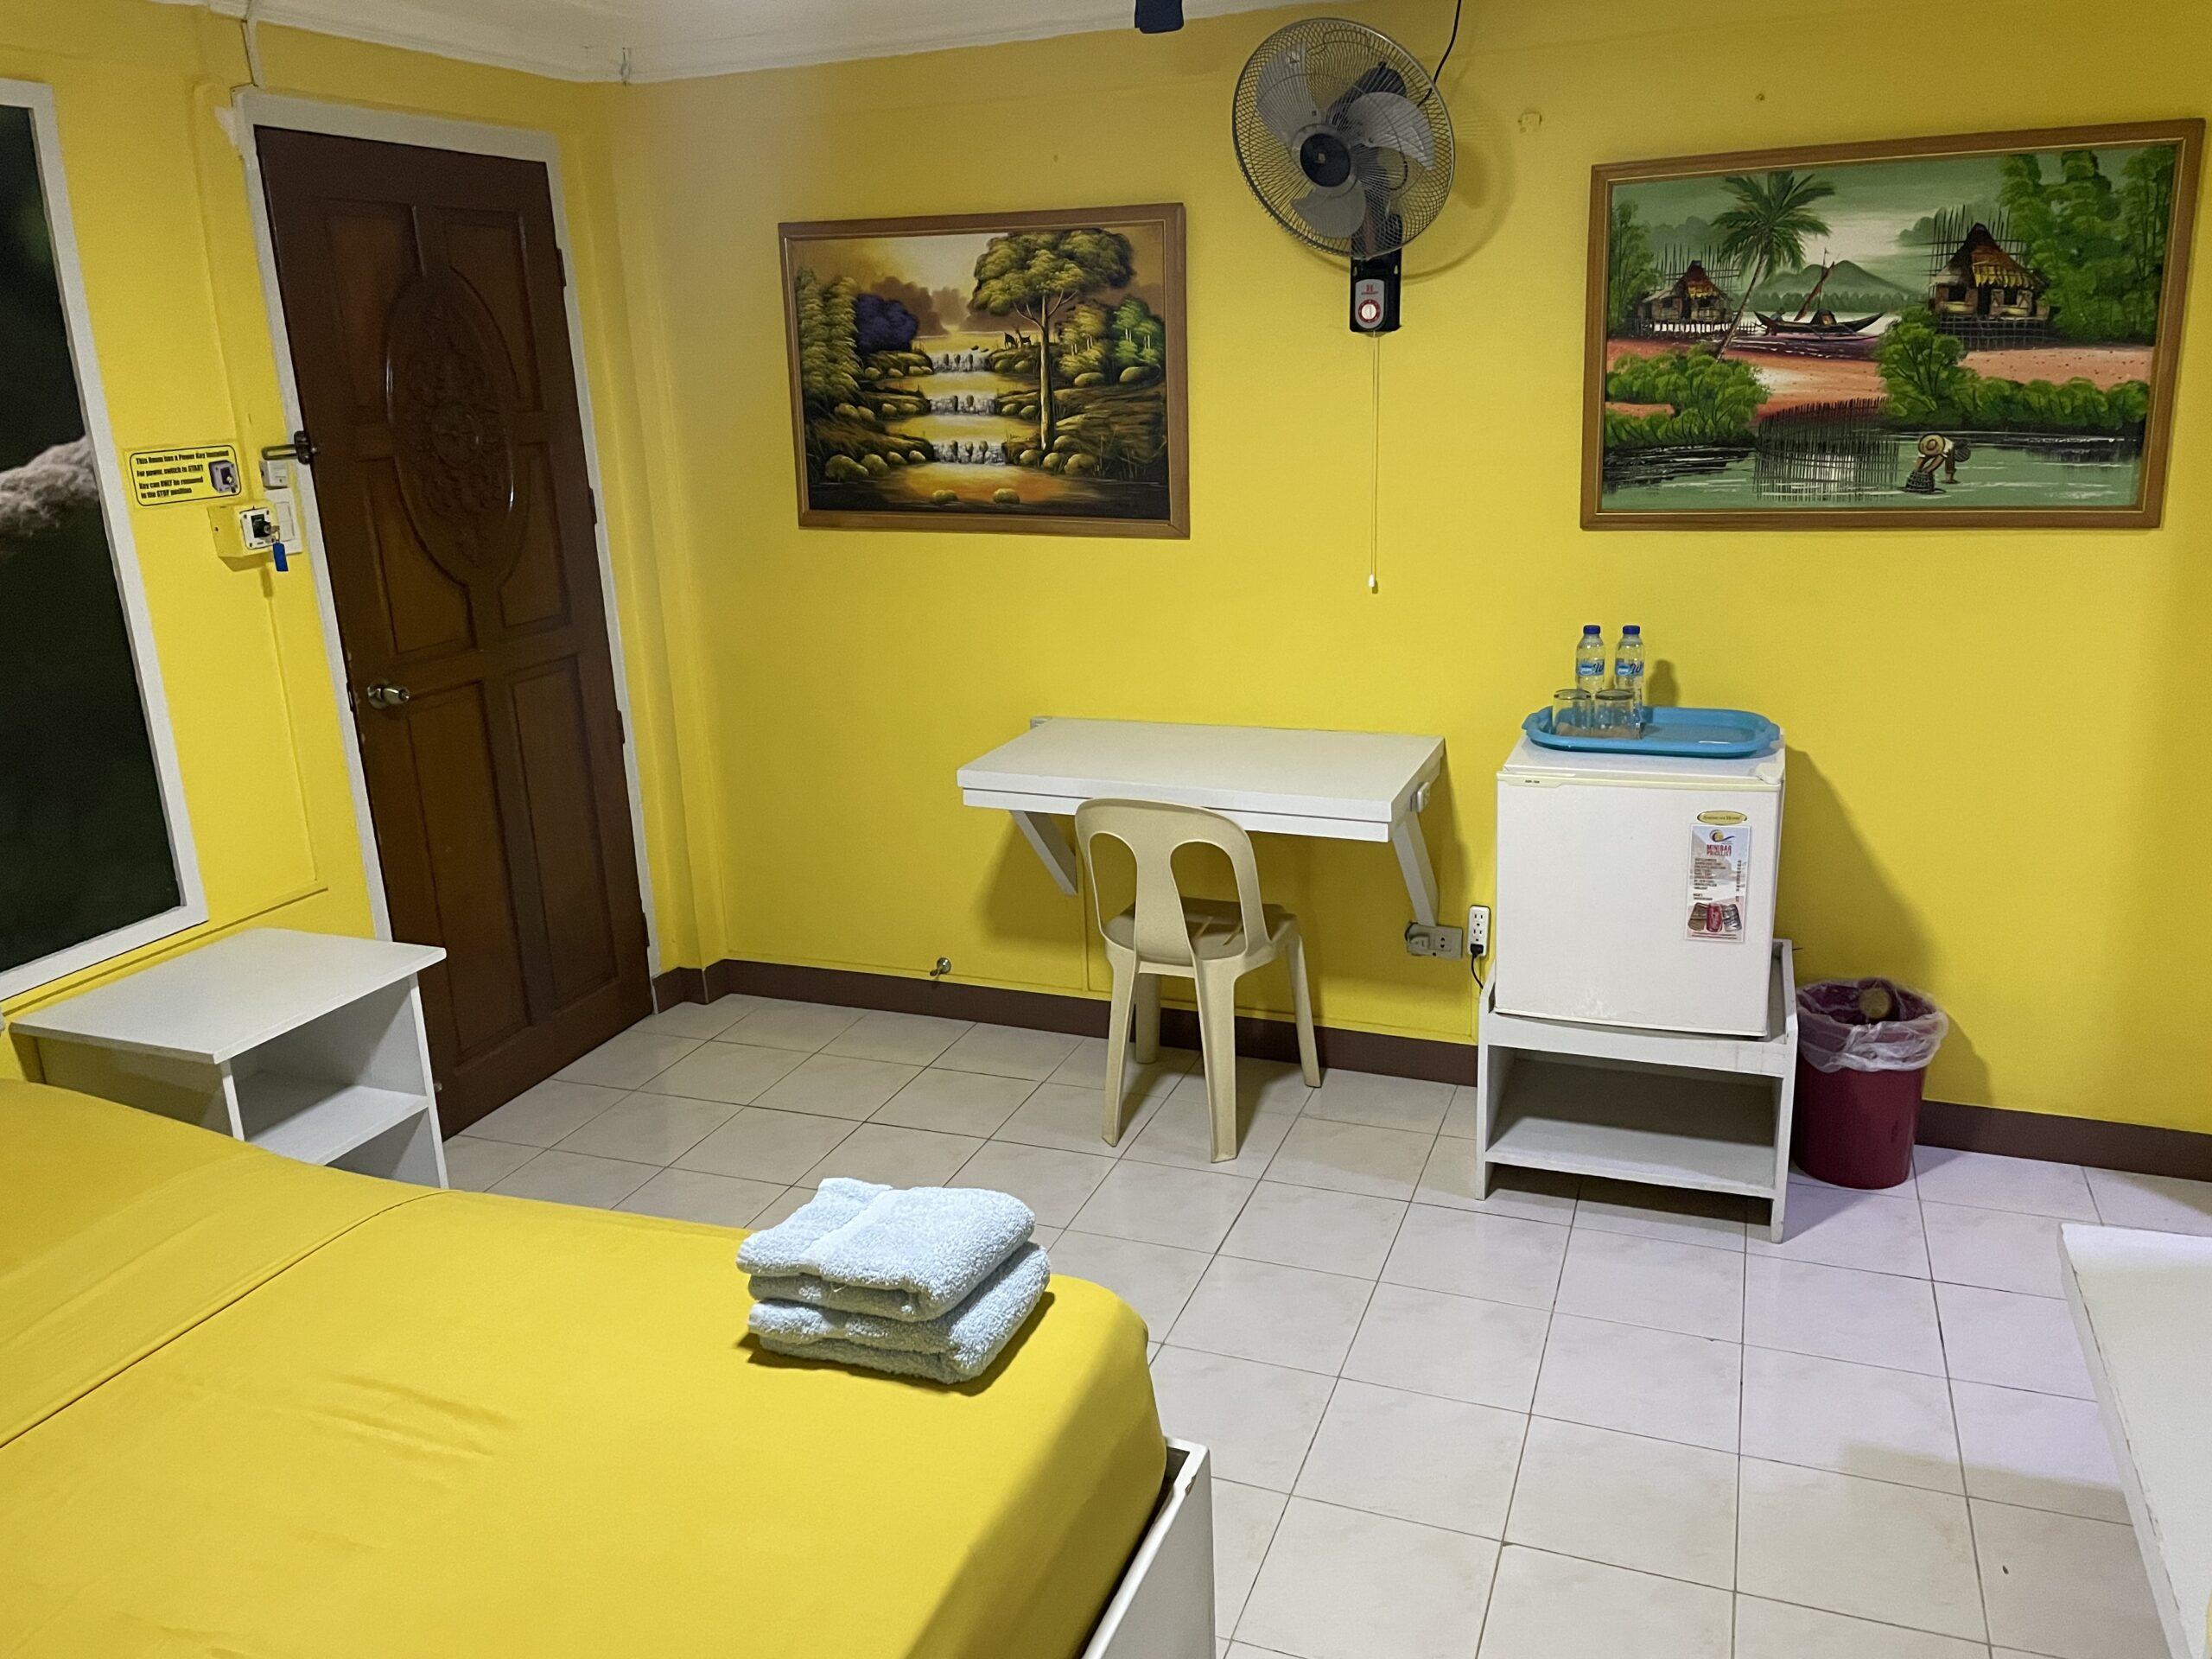 Arizona Beach Resort and Hotel - Standard Room # 16